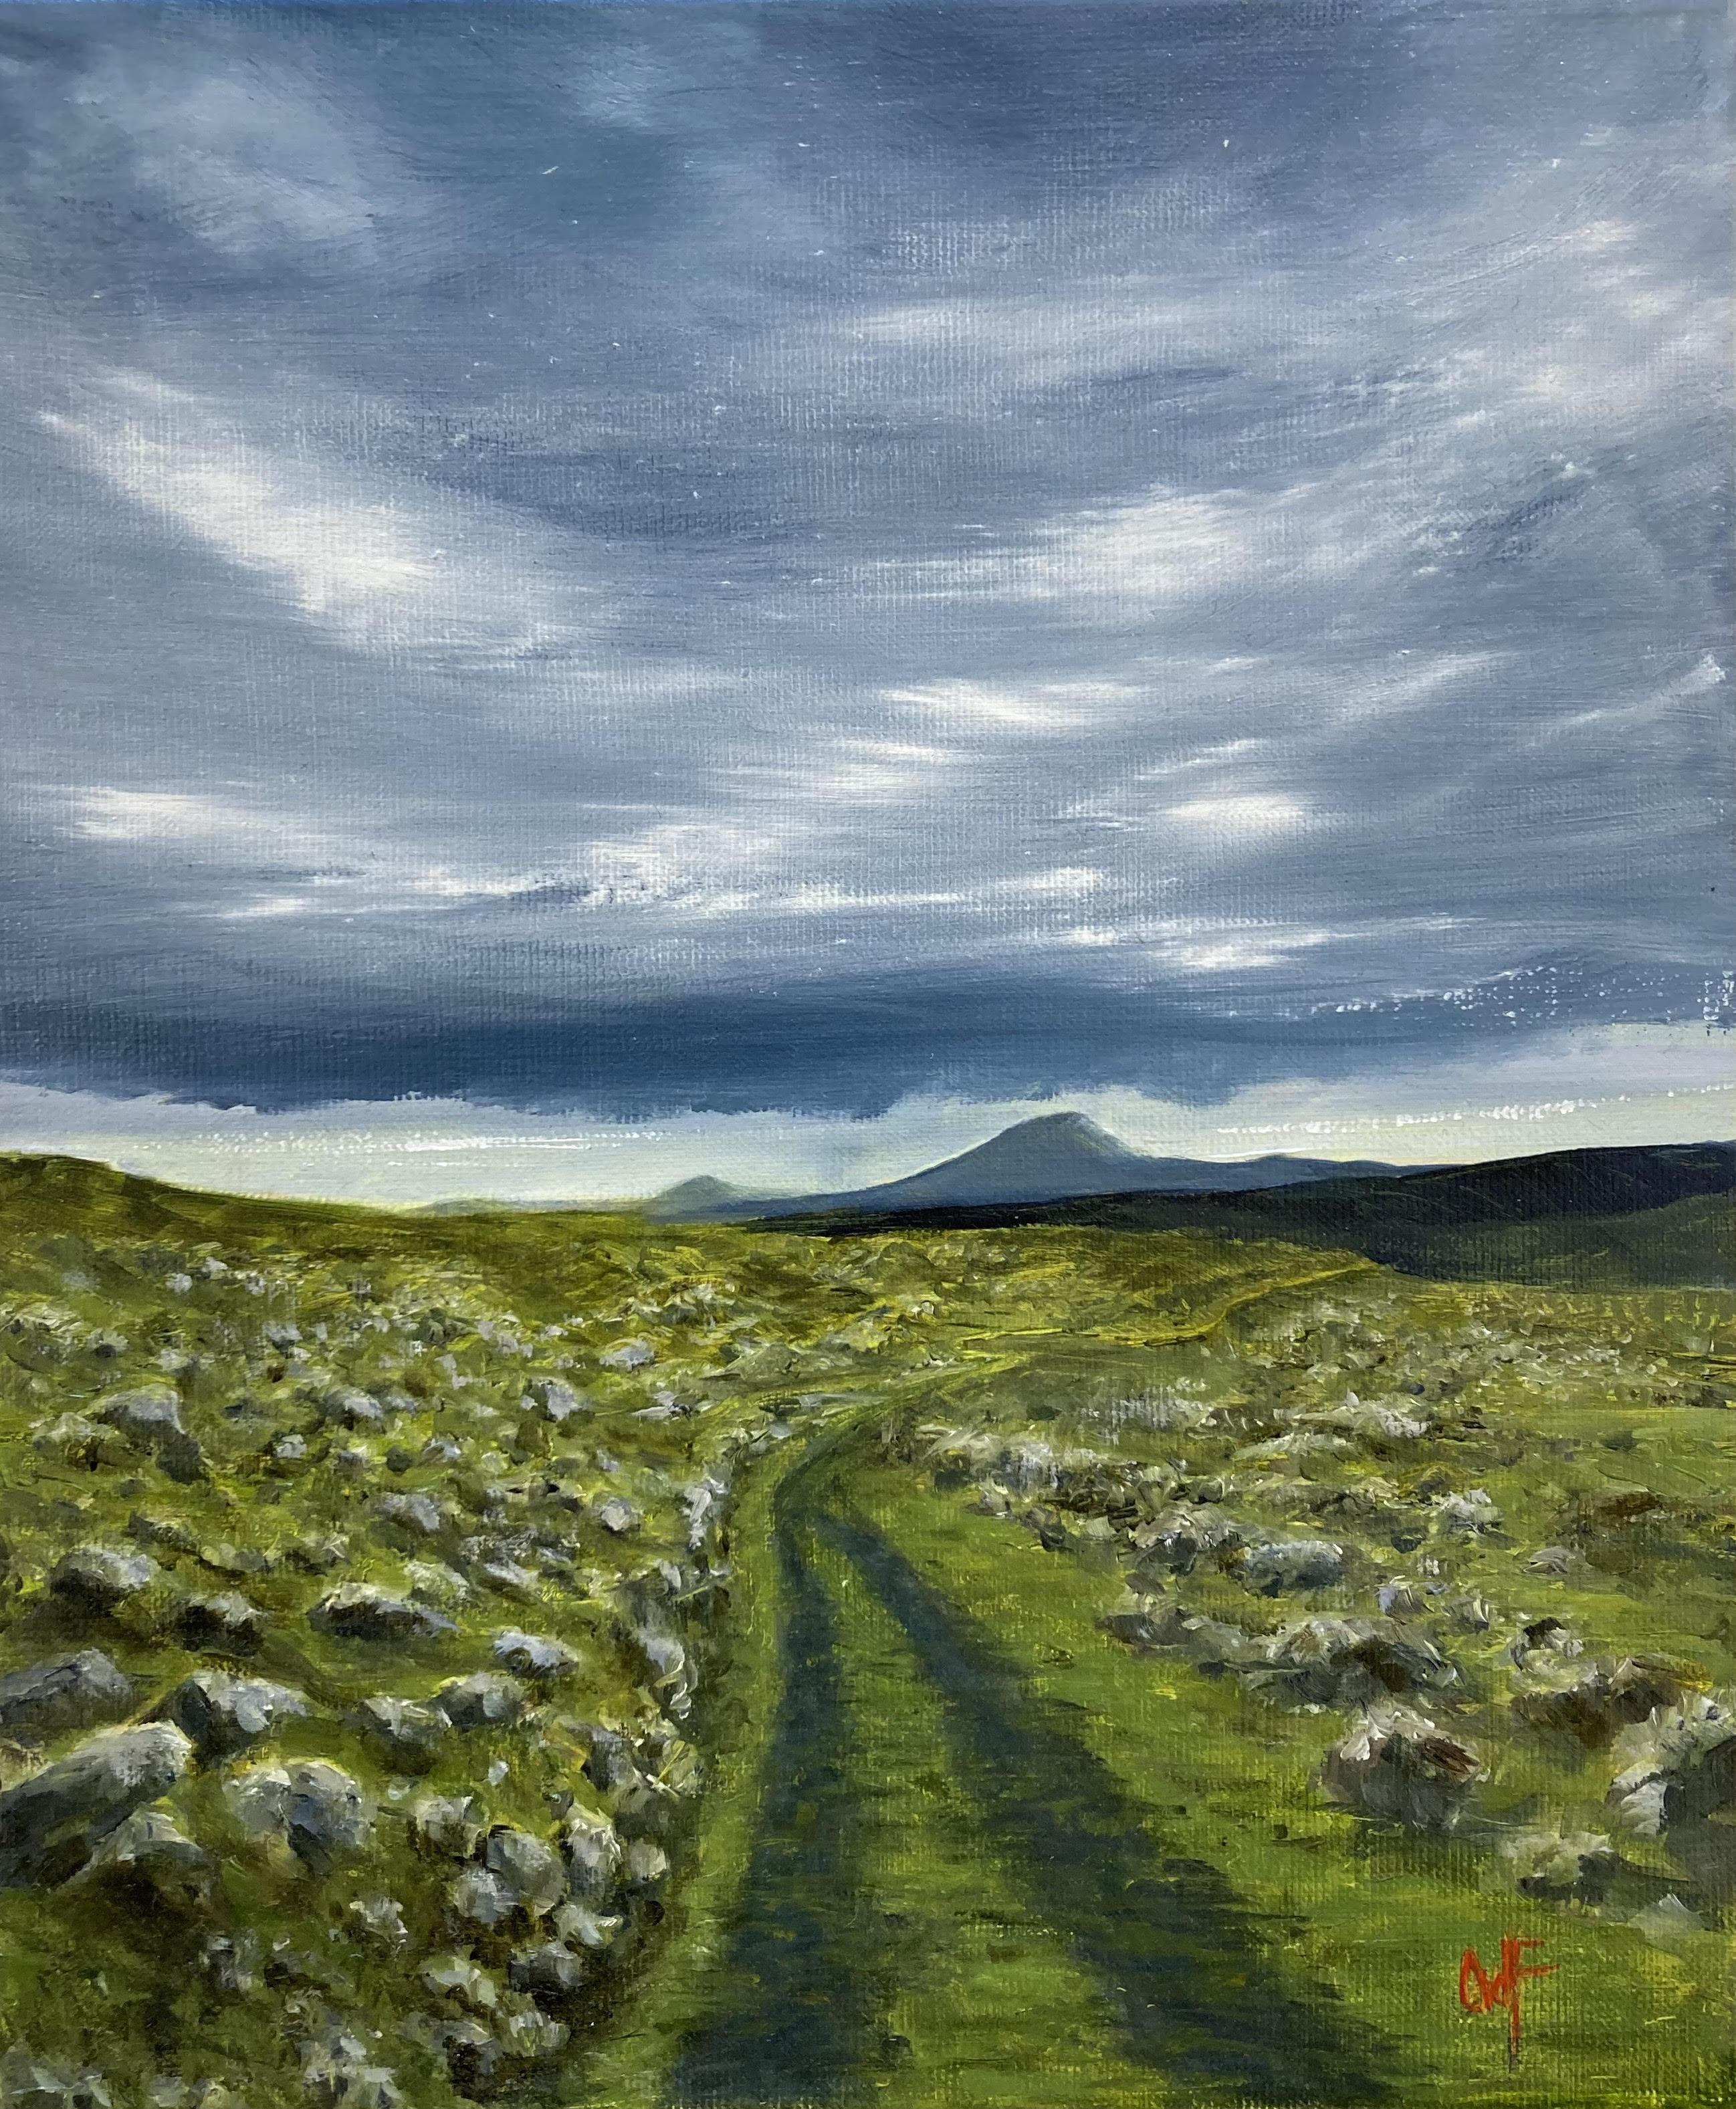 Old Road, Joyce Country by Olly van der Flier